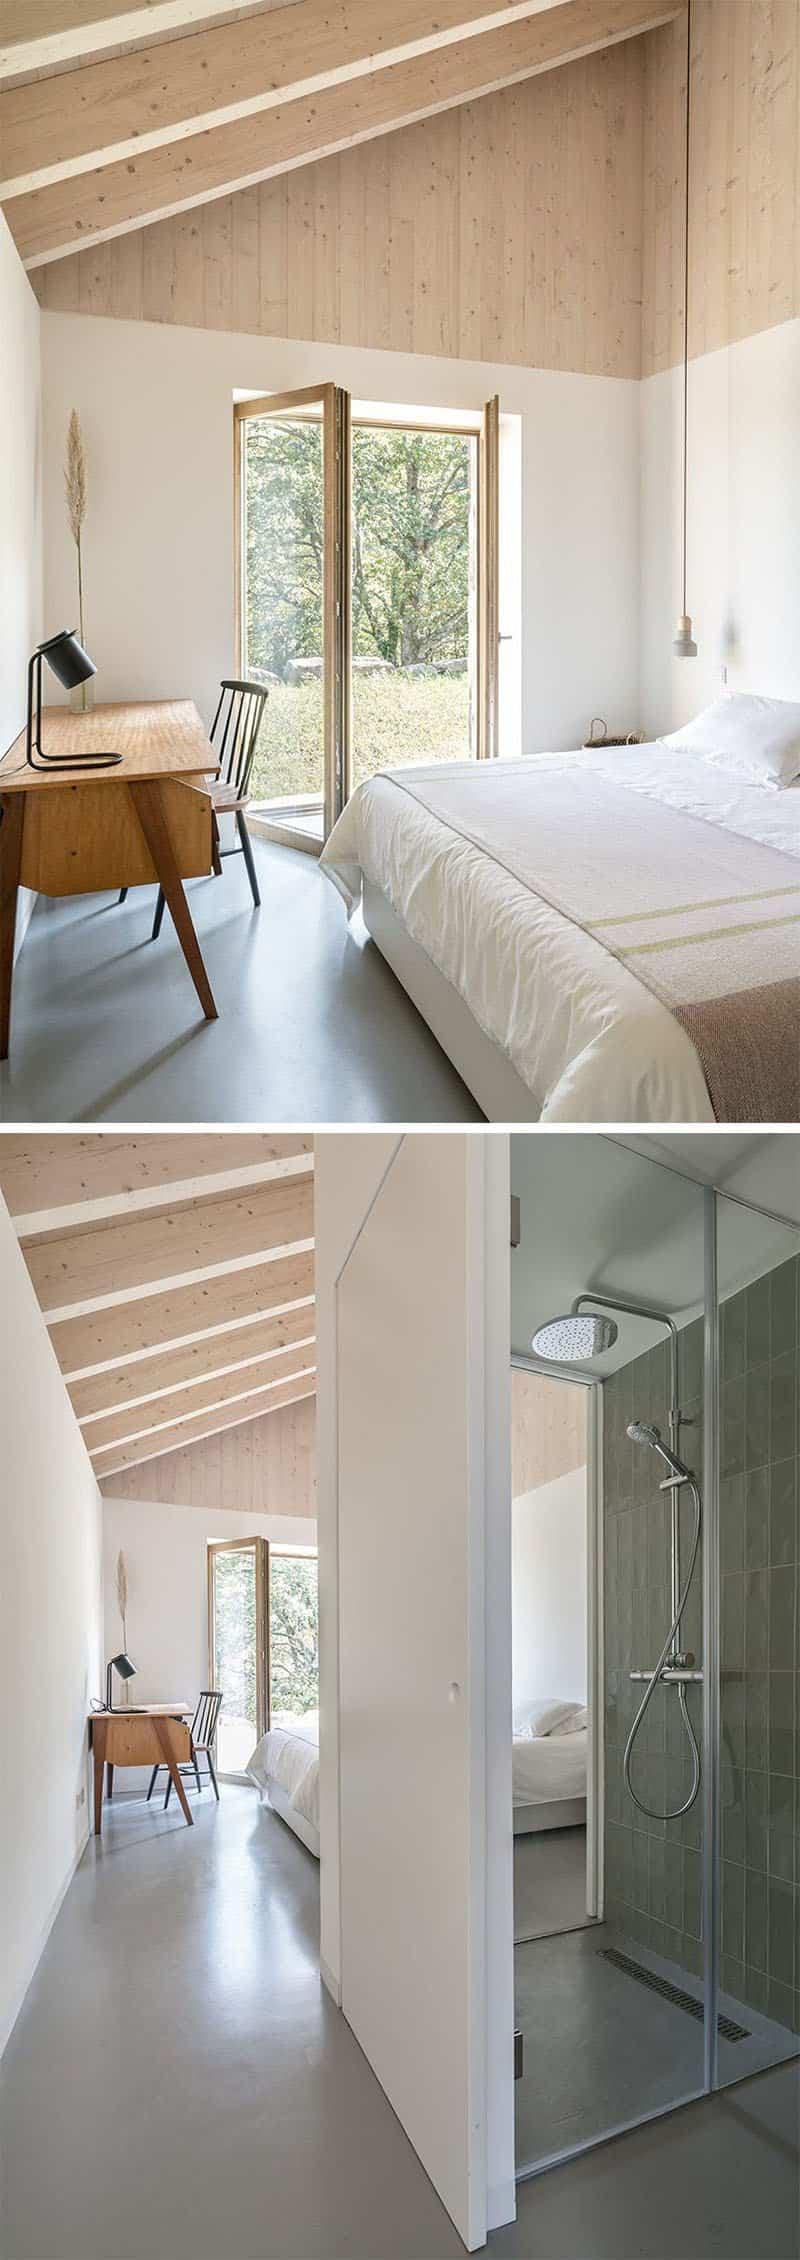 casa de piedra con interior contemporaneo 11